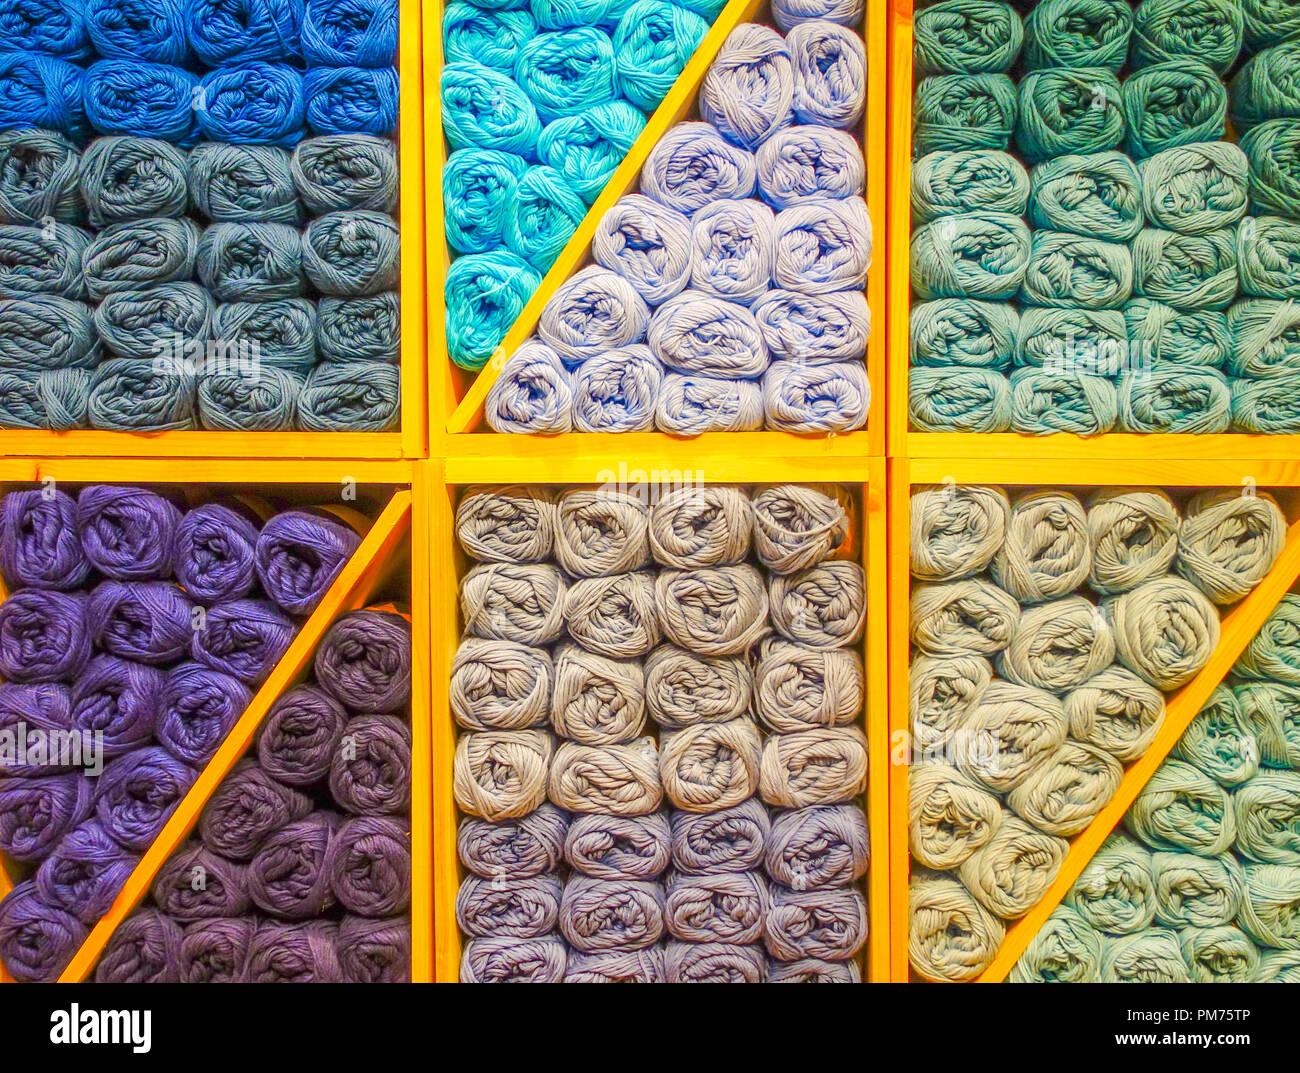 Rouleaux de laine colorés empilés sur des étagères de magasin d